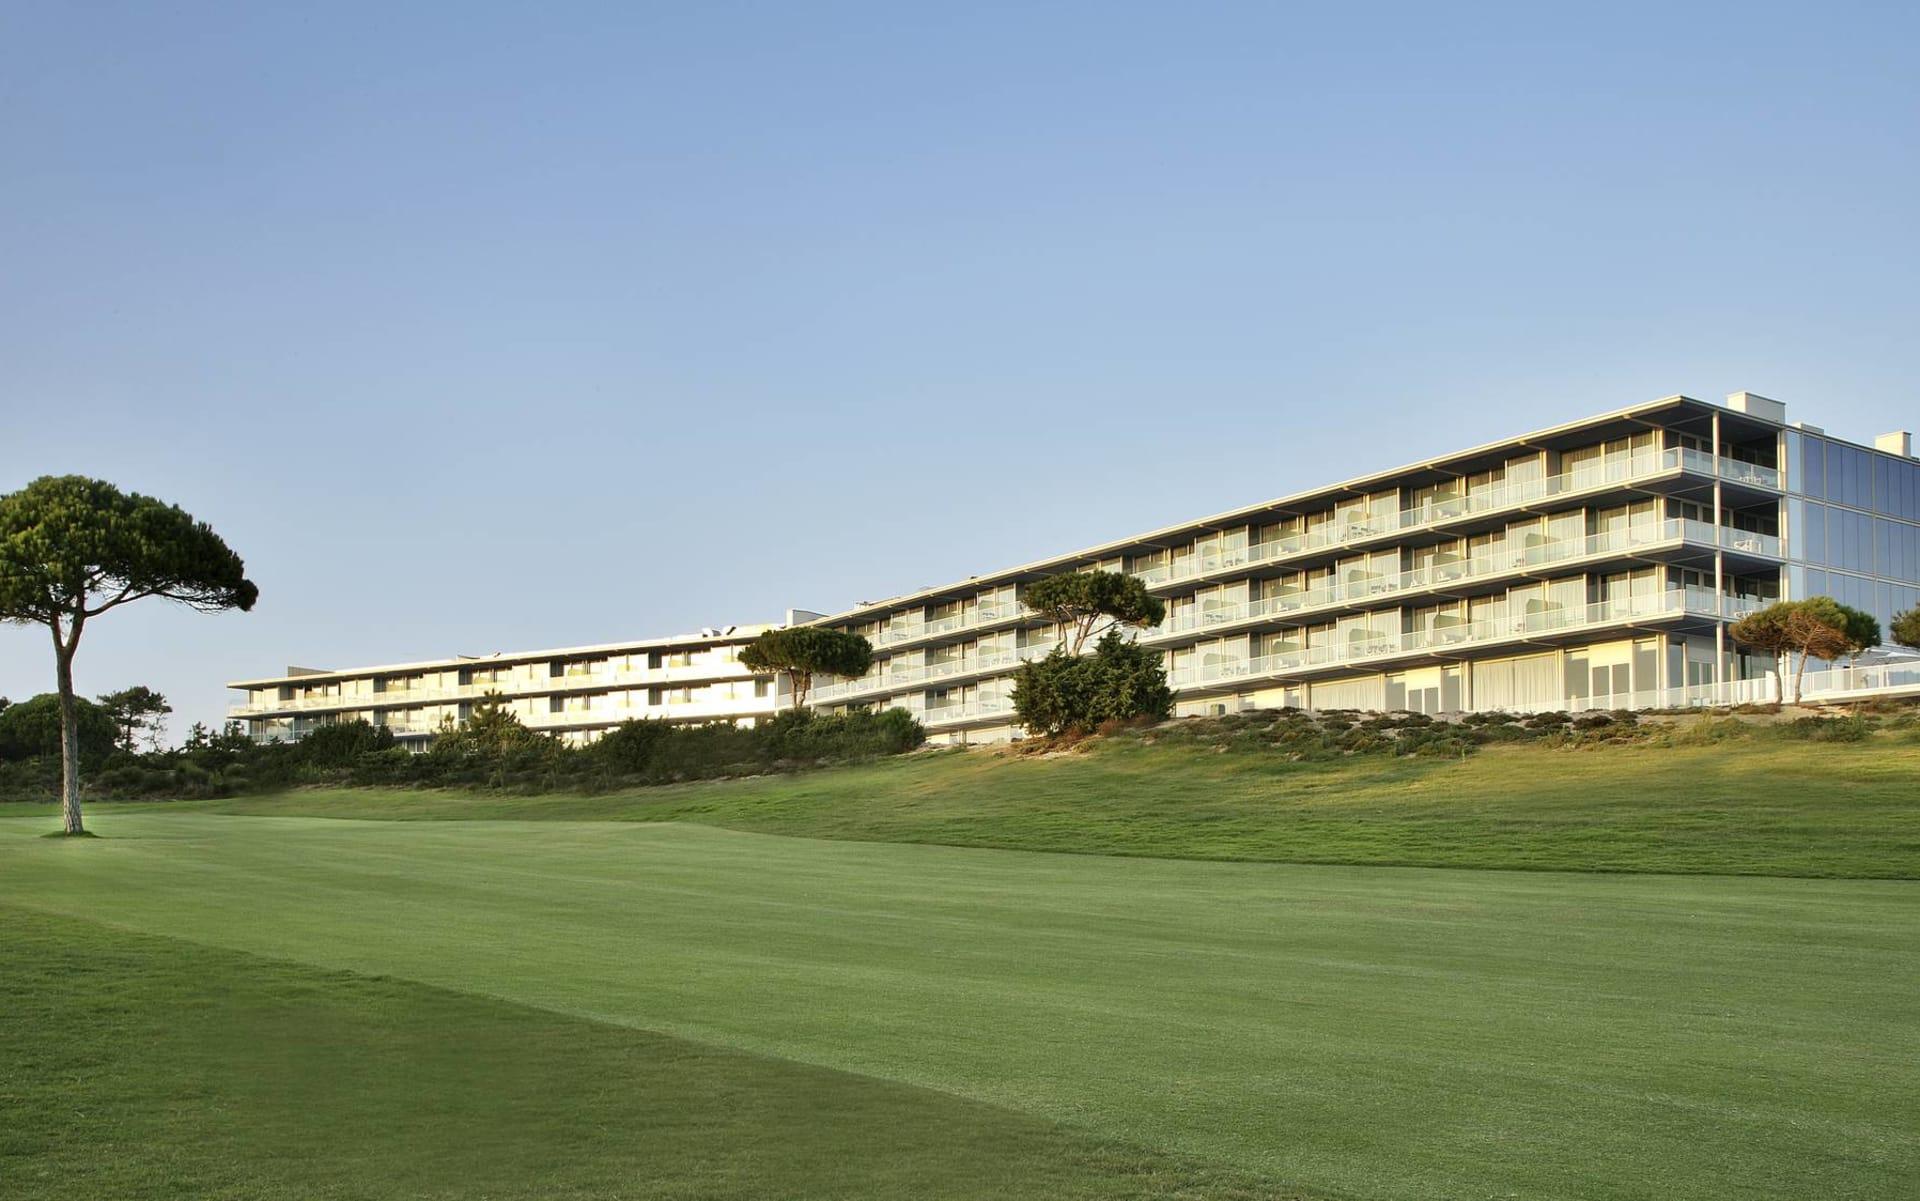 The Oitavos in Cascais: The Oitavos - Blick vom Golfplatz auf Hauptgebäude